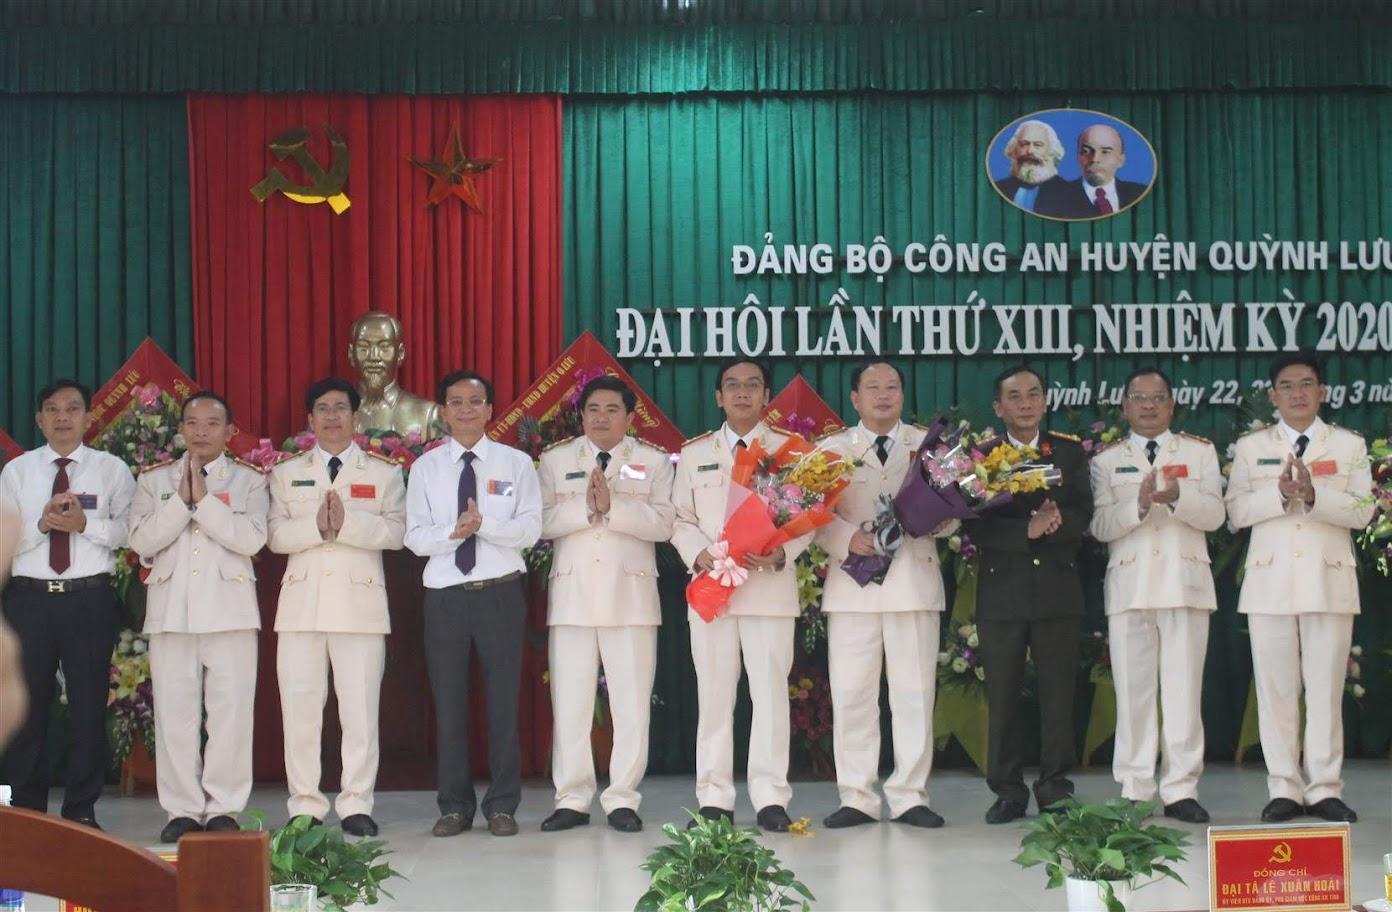 Lãnh đạo Công an tỉnh và huyện Quỳnh Lưu chúc mừng BCH Đảng bộ CA huyện nhiệm kỳ 2020 - 2025